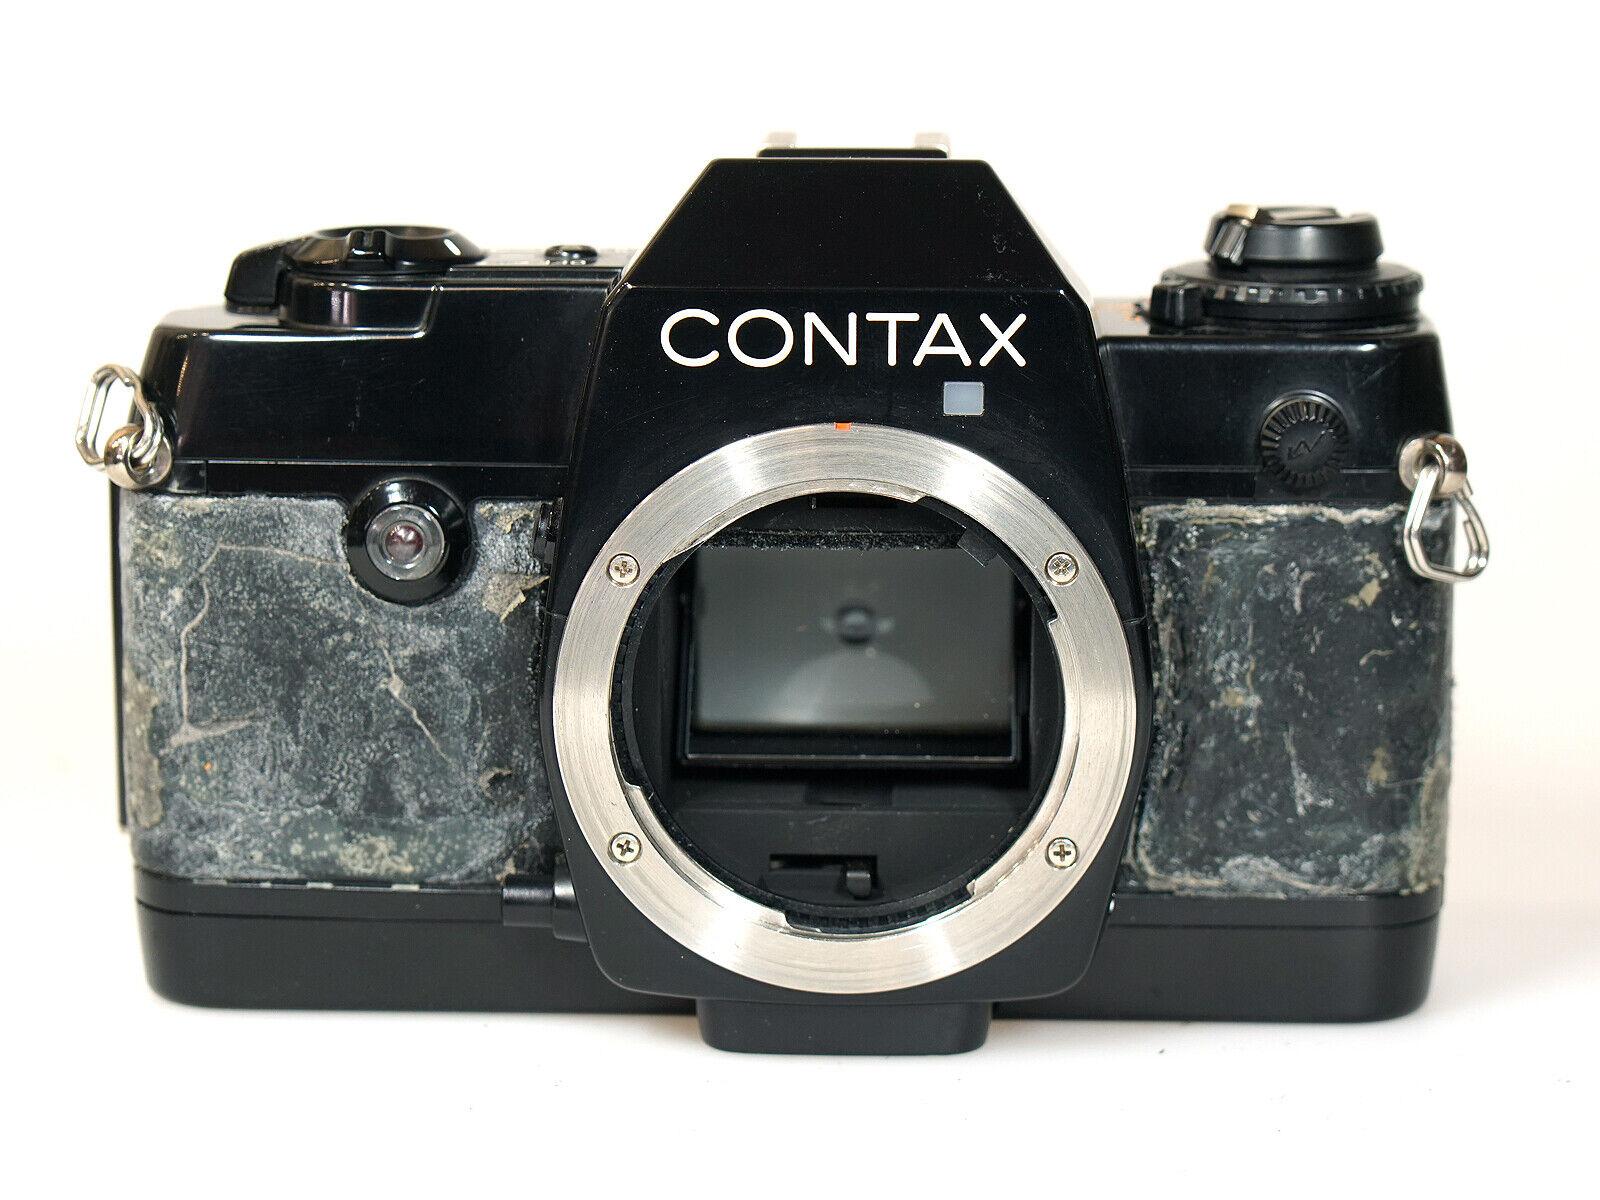 +++ Contax 137 MD Gehäuse Kleinbild Spiegelreflex analog für Wechselobjektiv +++